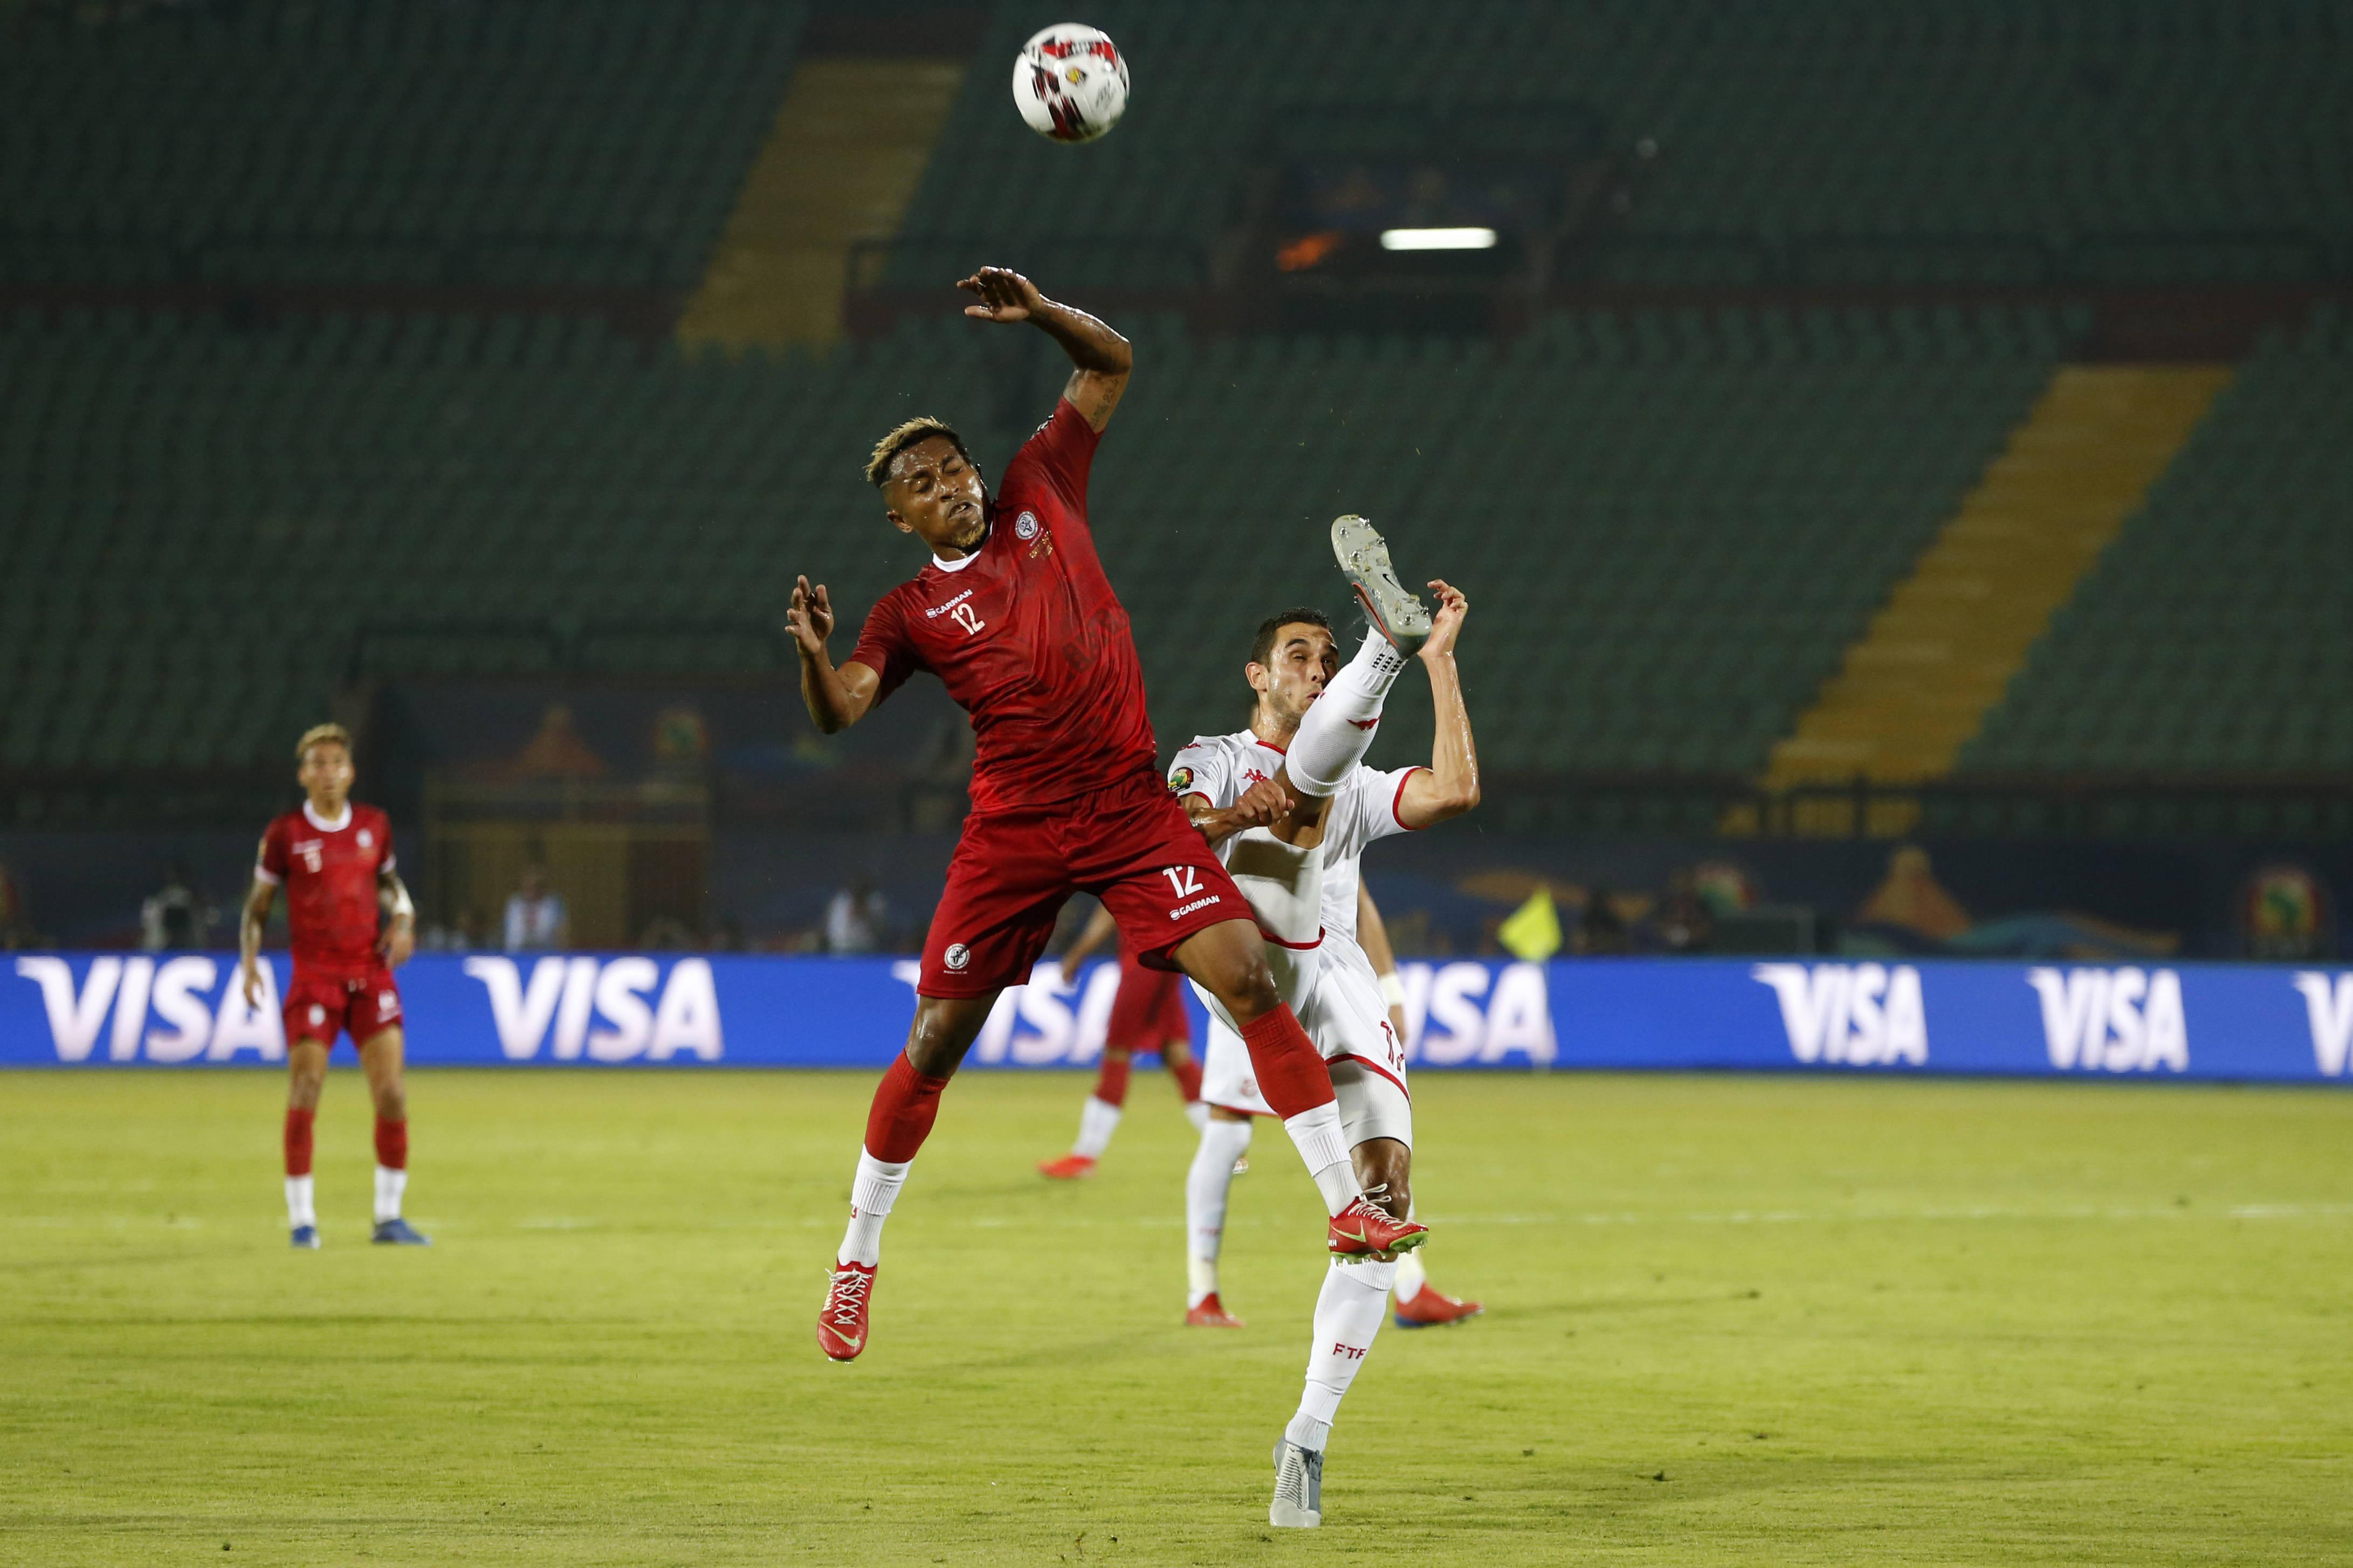 Lalaina Enjanahary (Madagascar) et Ellyes Skhiri (Tunisie) se disputent le ballon lors du match de quart de finale de la Coupe d'Afrique des nations au stade Al Salam du Caire, en Égypte, le jeudi 11 juillet 2019.